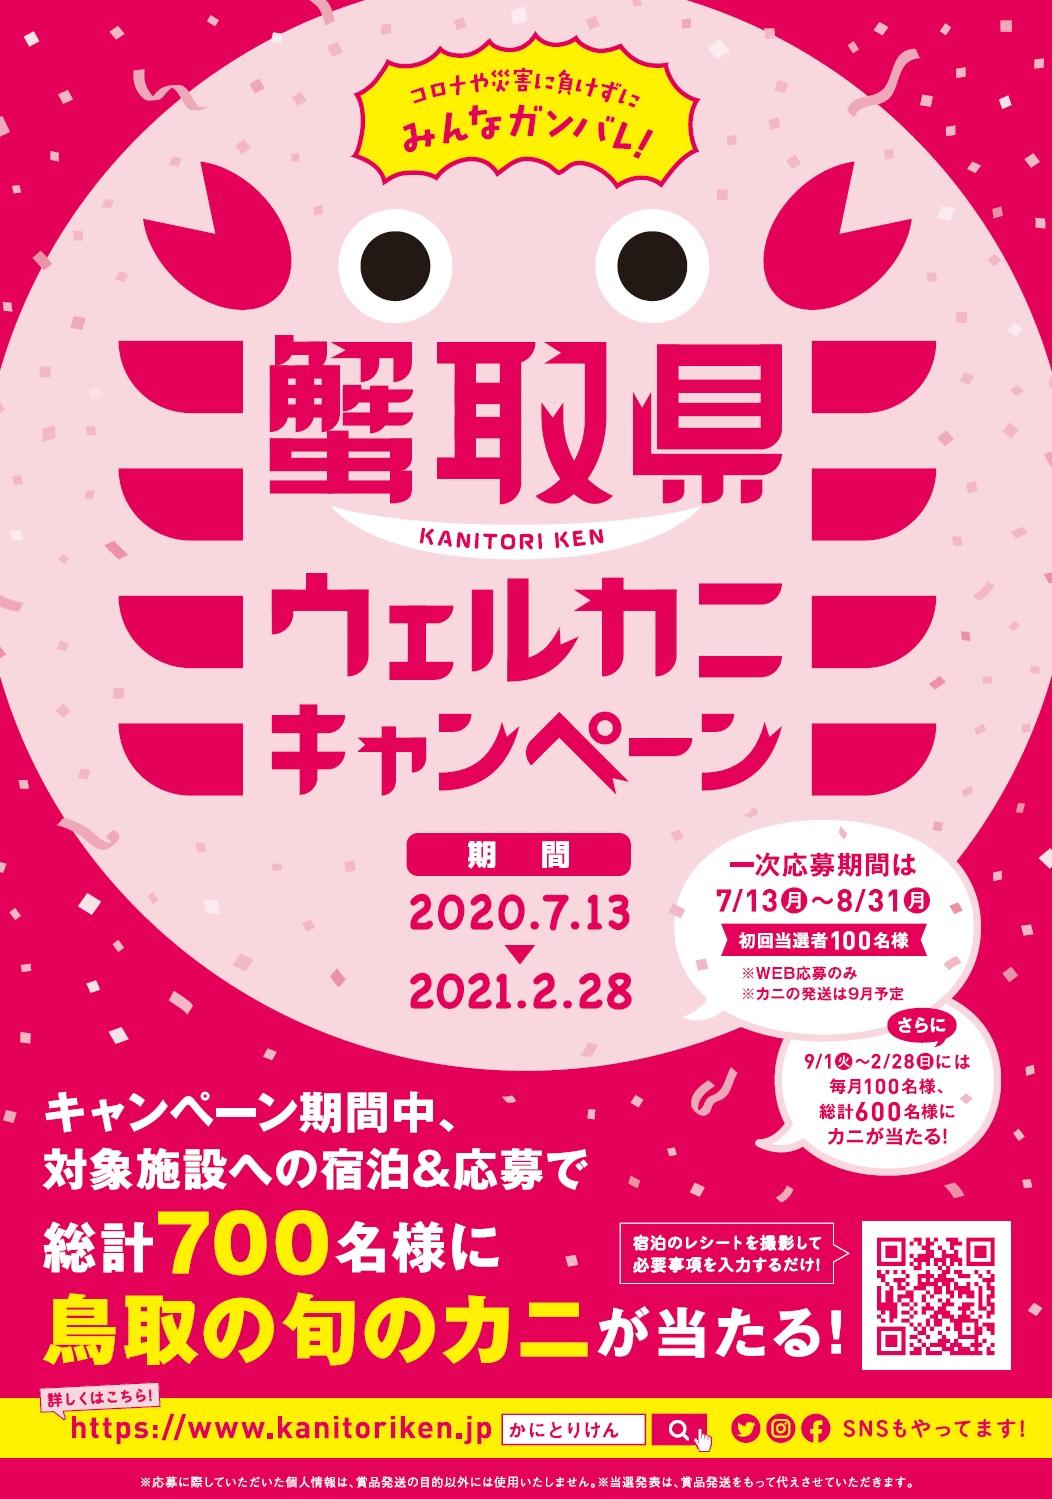 「蟹取県ウェルカニキャンペーン」を実施します! 画像